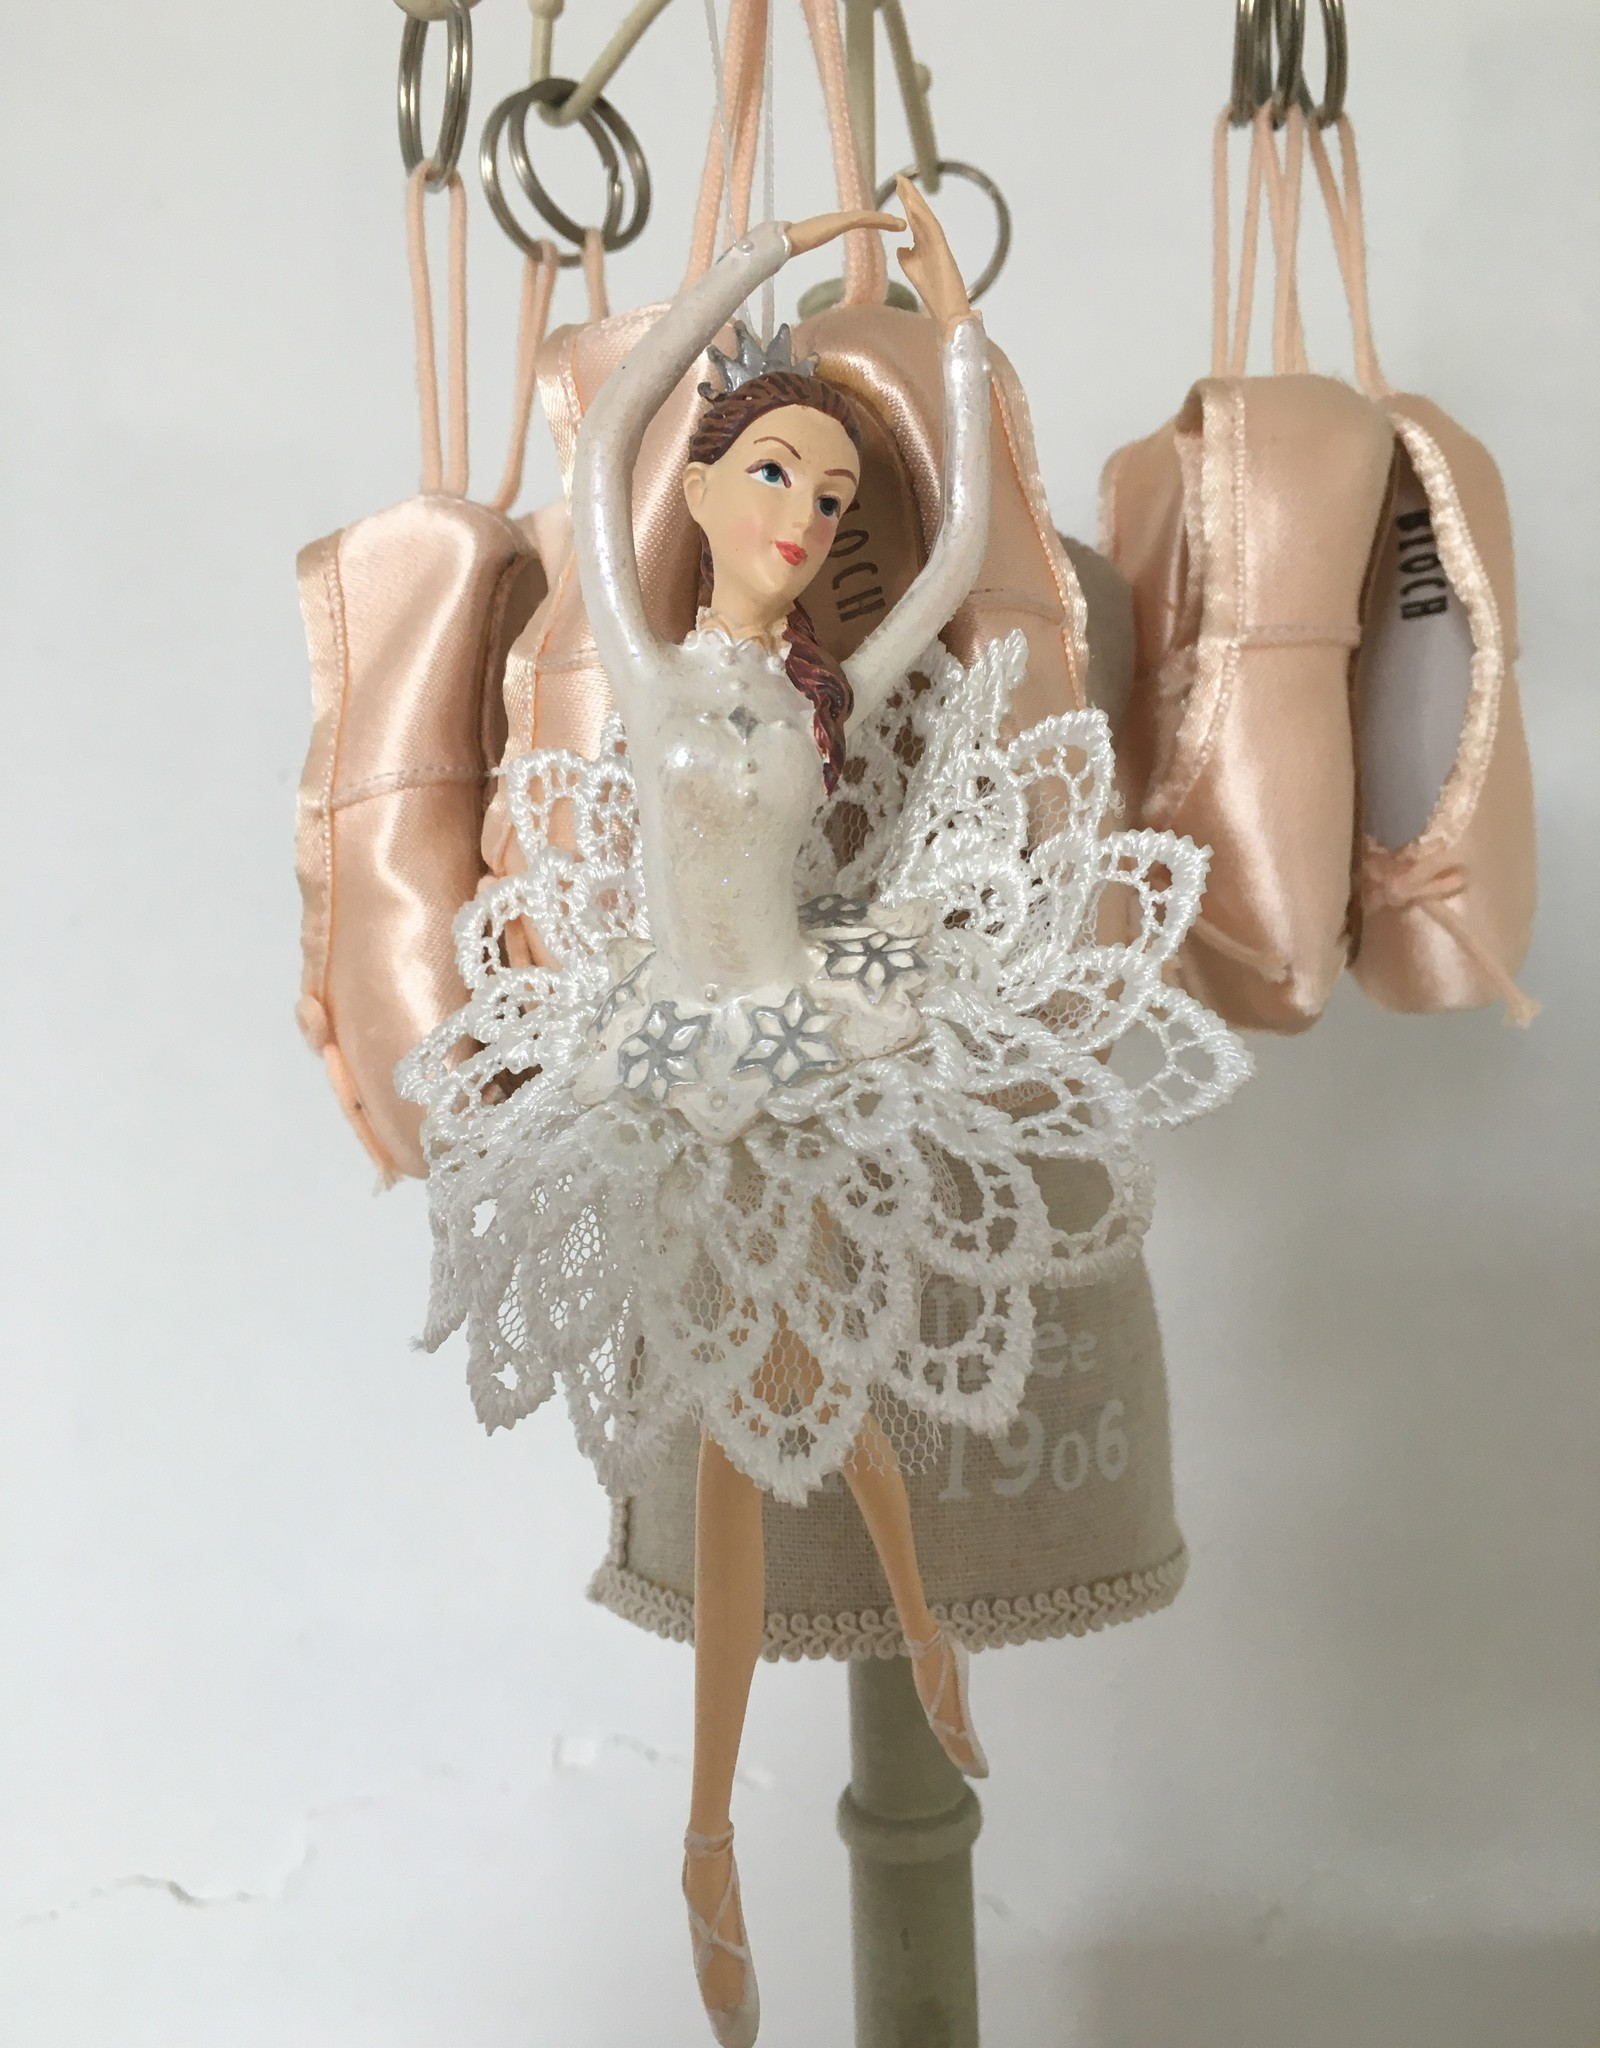 Goodwill Goodwill porseleinen ballerina hanger tutu wit